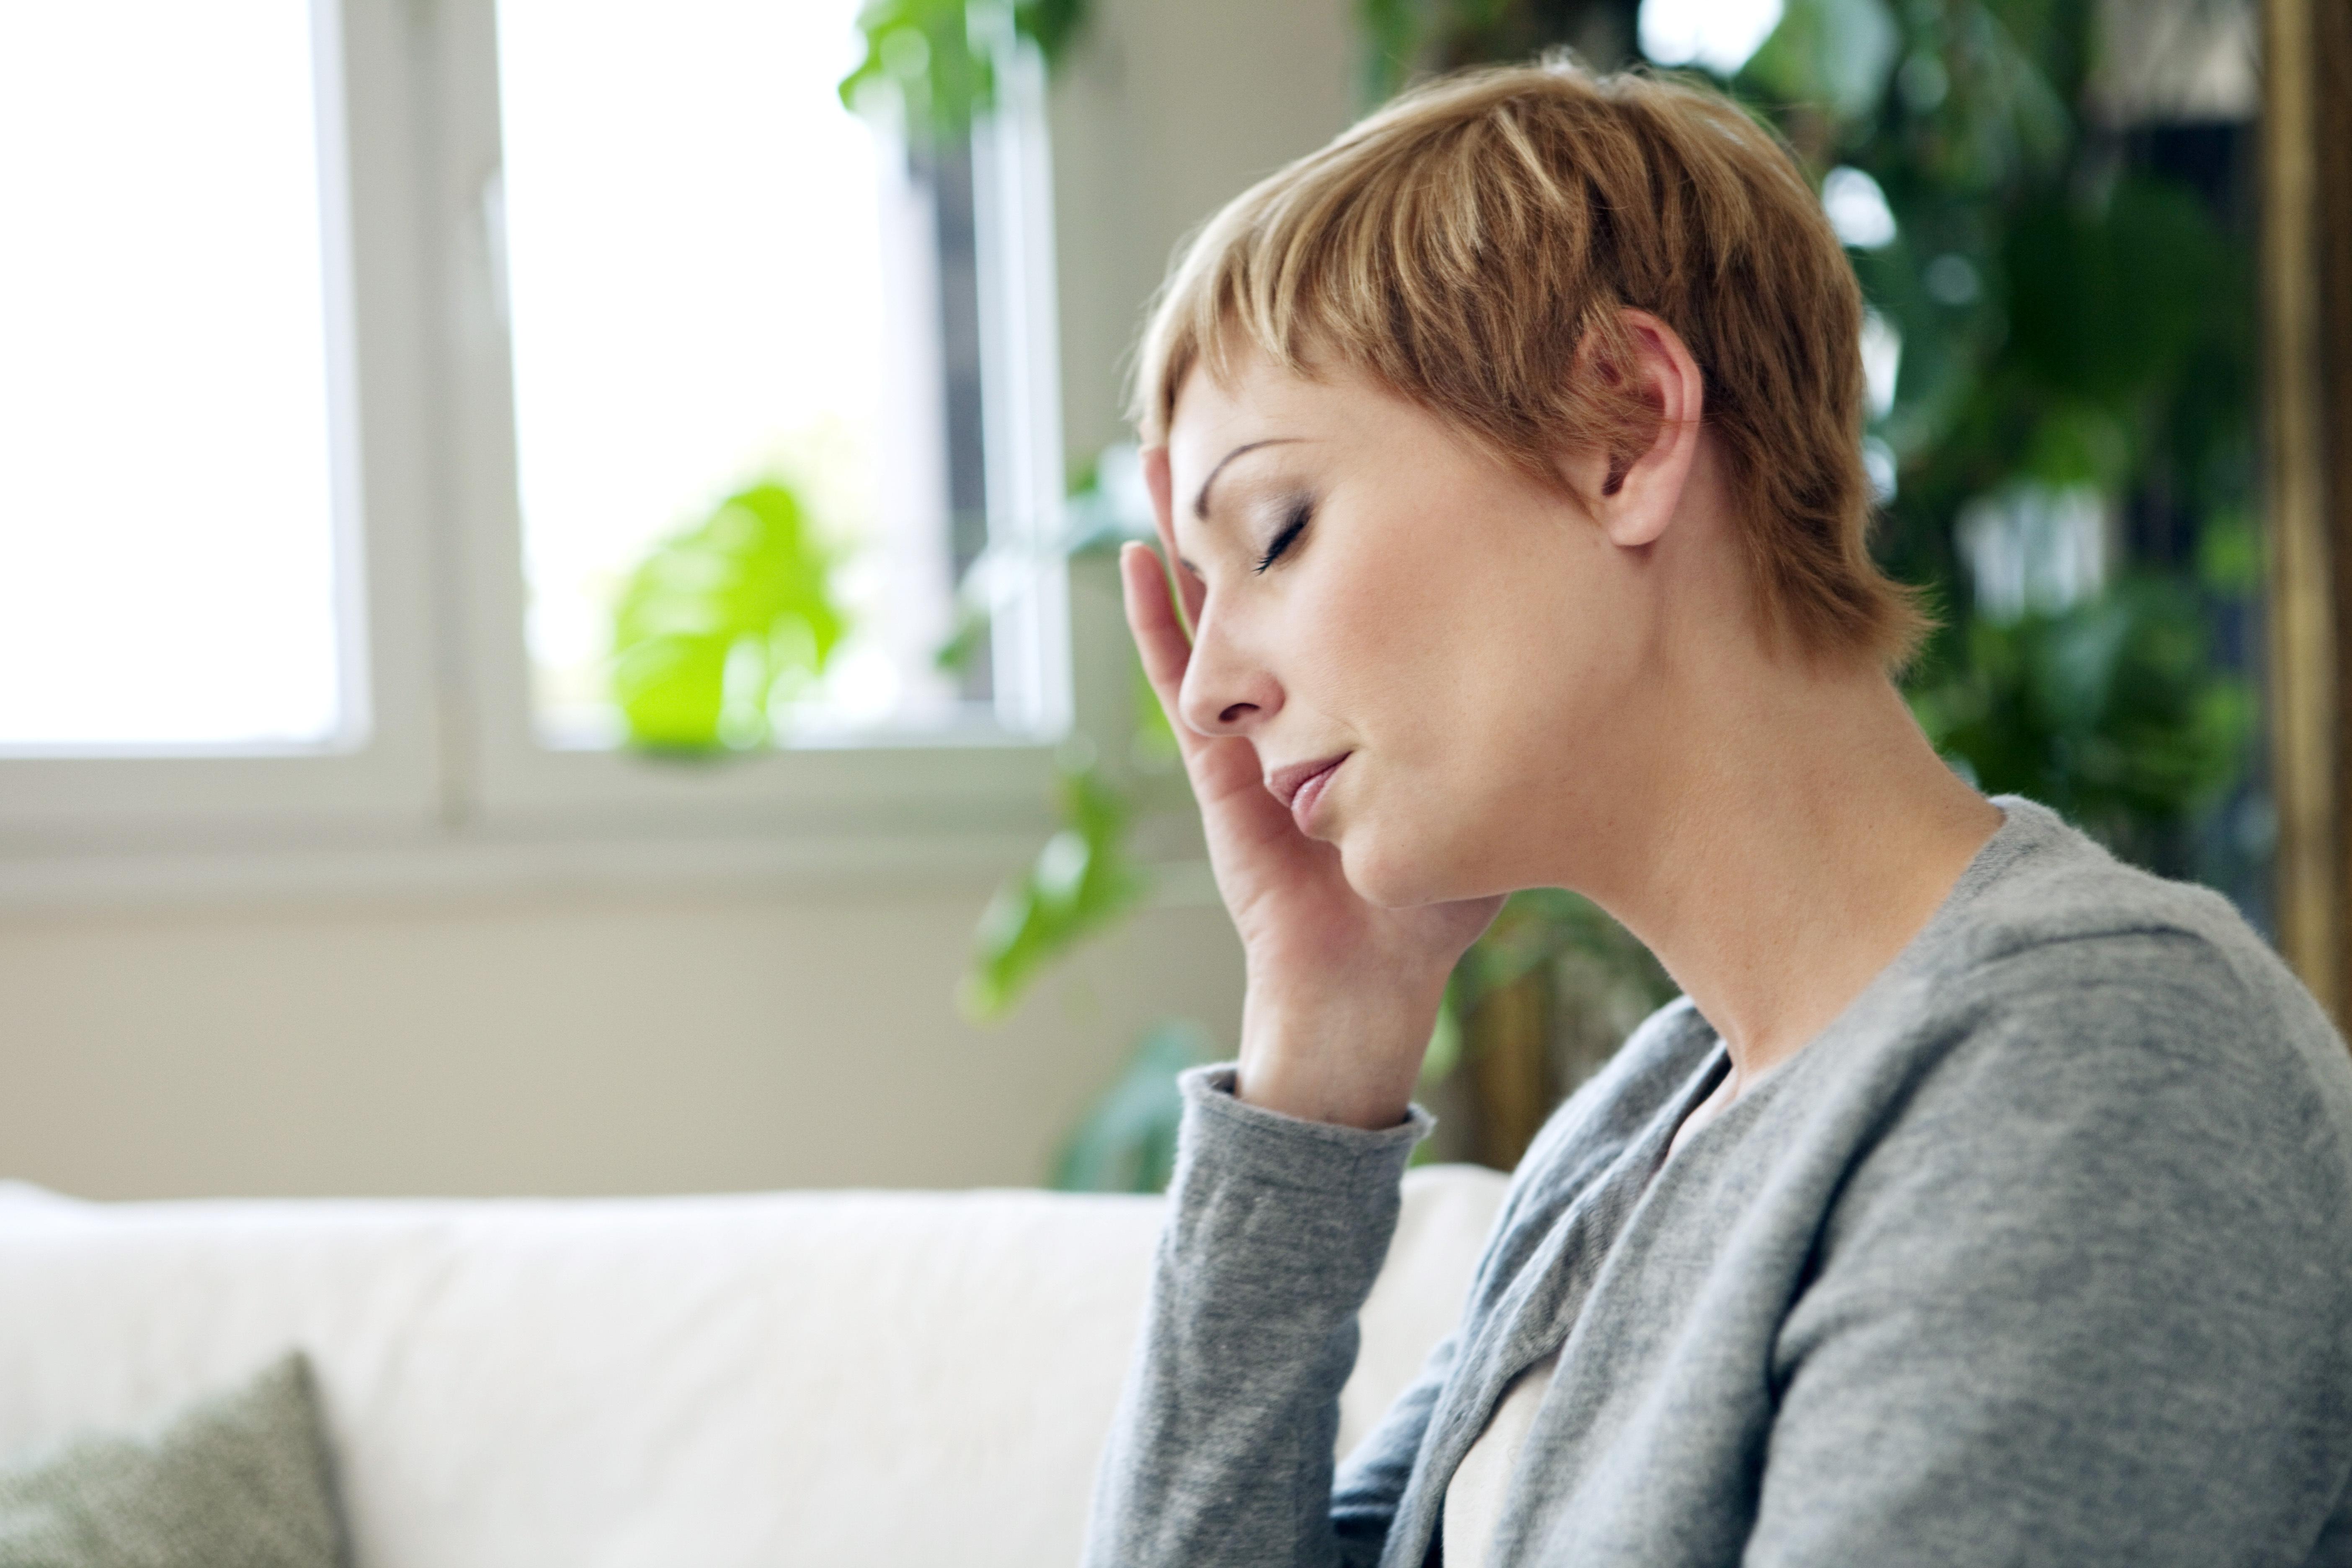 Kvinnor visade sig särskilt vara en utsatt grupp när det gäller förhöjd risk för hjärt- hjärnsjukdom vid migrän.